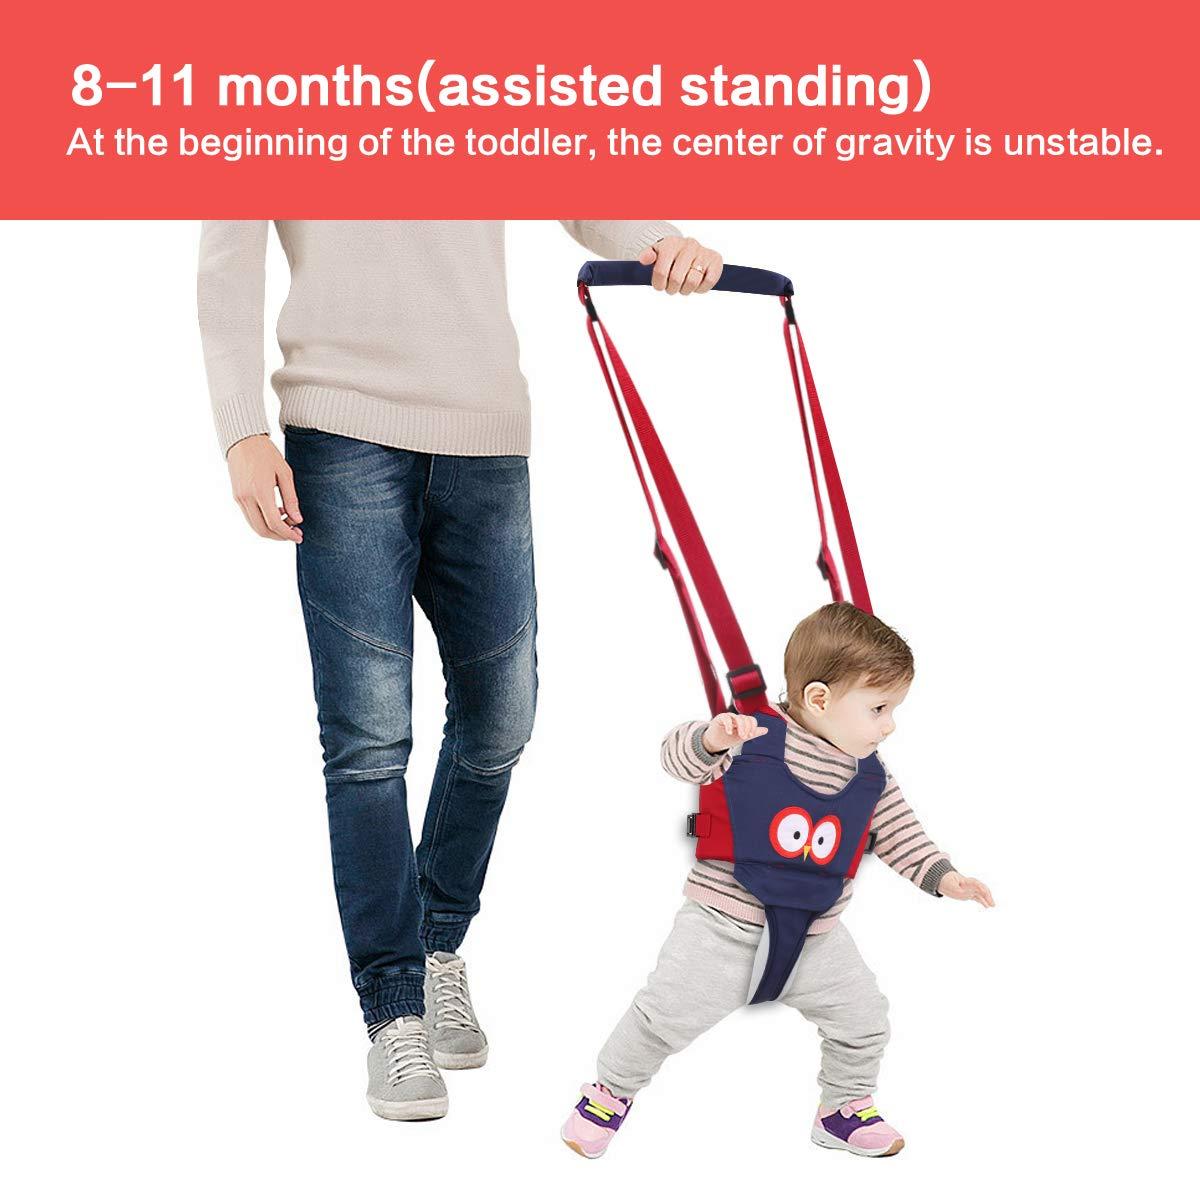 Lauflernhilfe Gehhilfe f/ür Baby Achort Stehen und Gehen Lernen Helfer f/ür Kinder 4 in 1 Funktionale Sicherheit Laufgeschirr Walker f/ür Baby 6-24 Monate